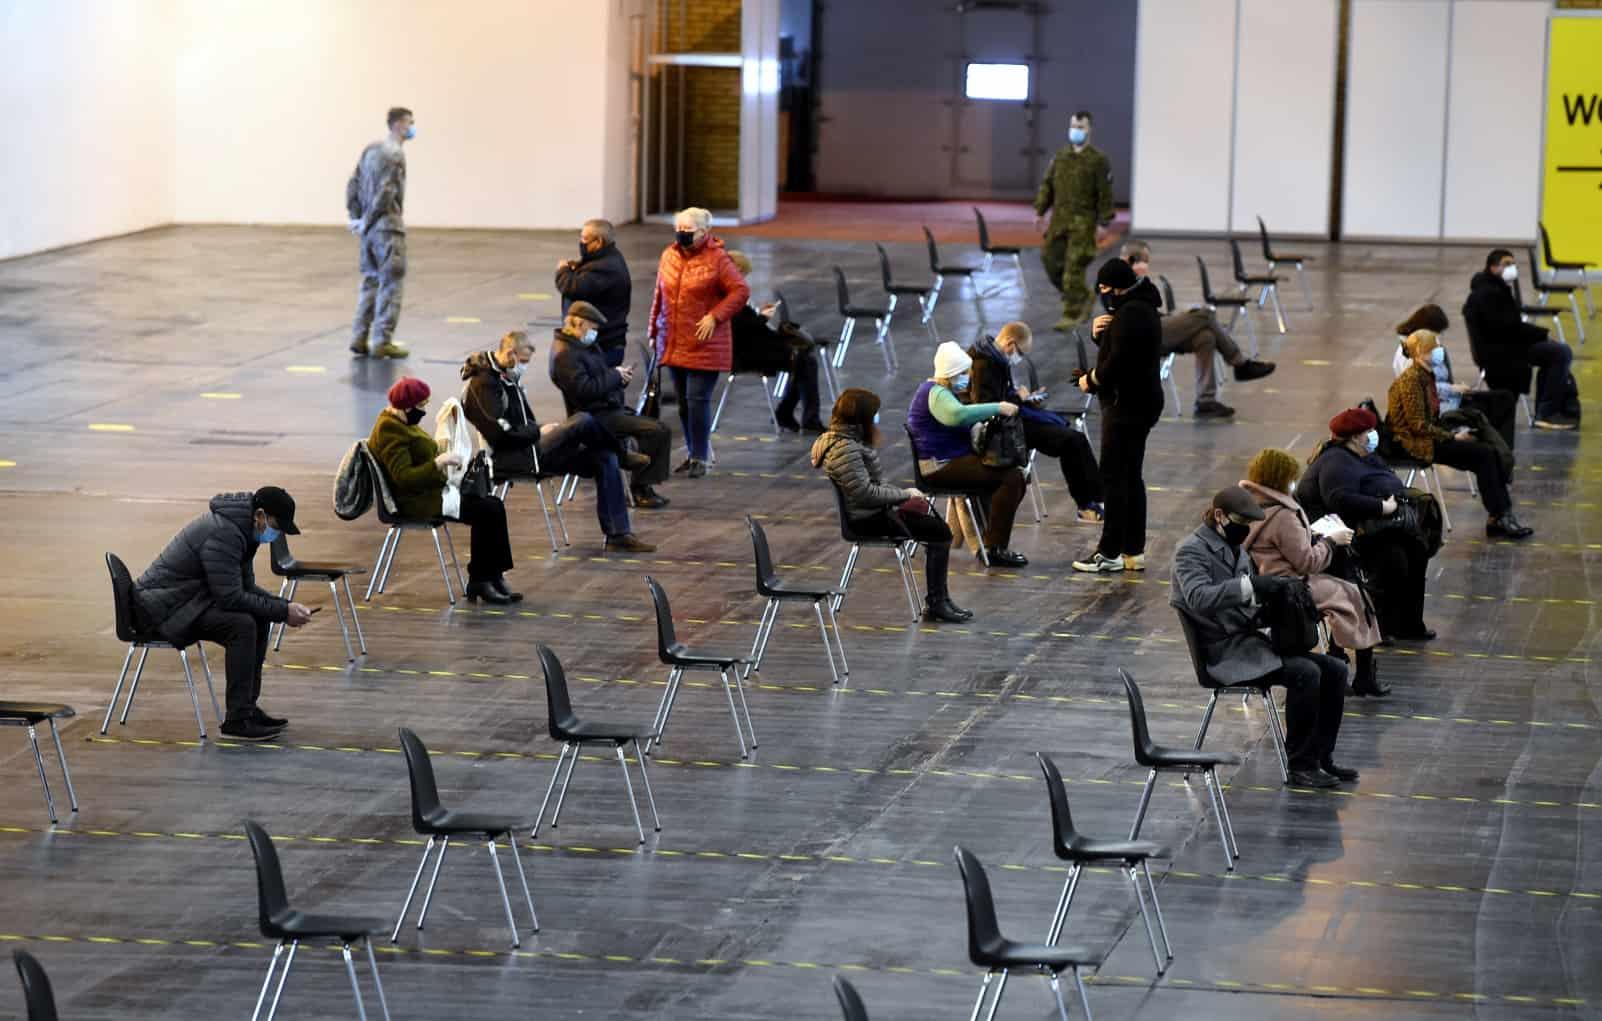 За выходные вакциной Pfizer планируют привить 6,5 тысяч жителей Латвии